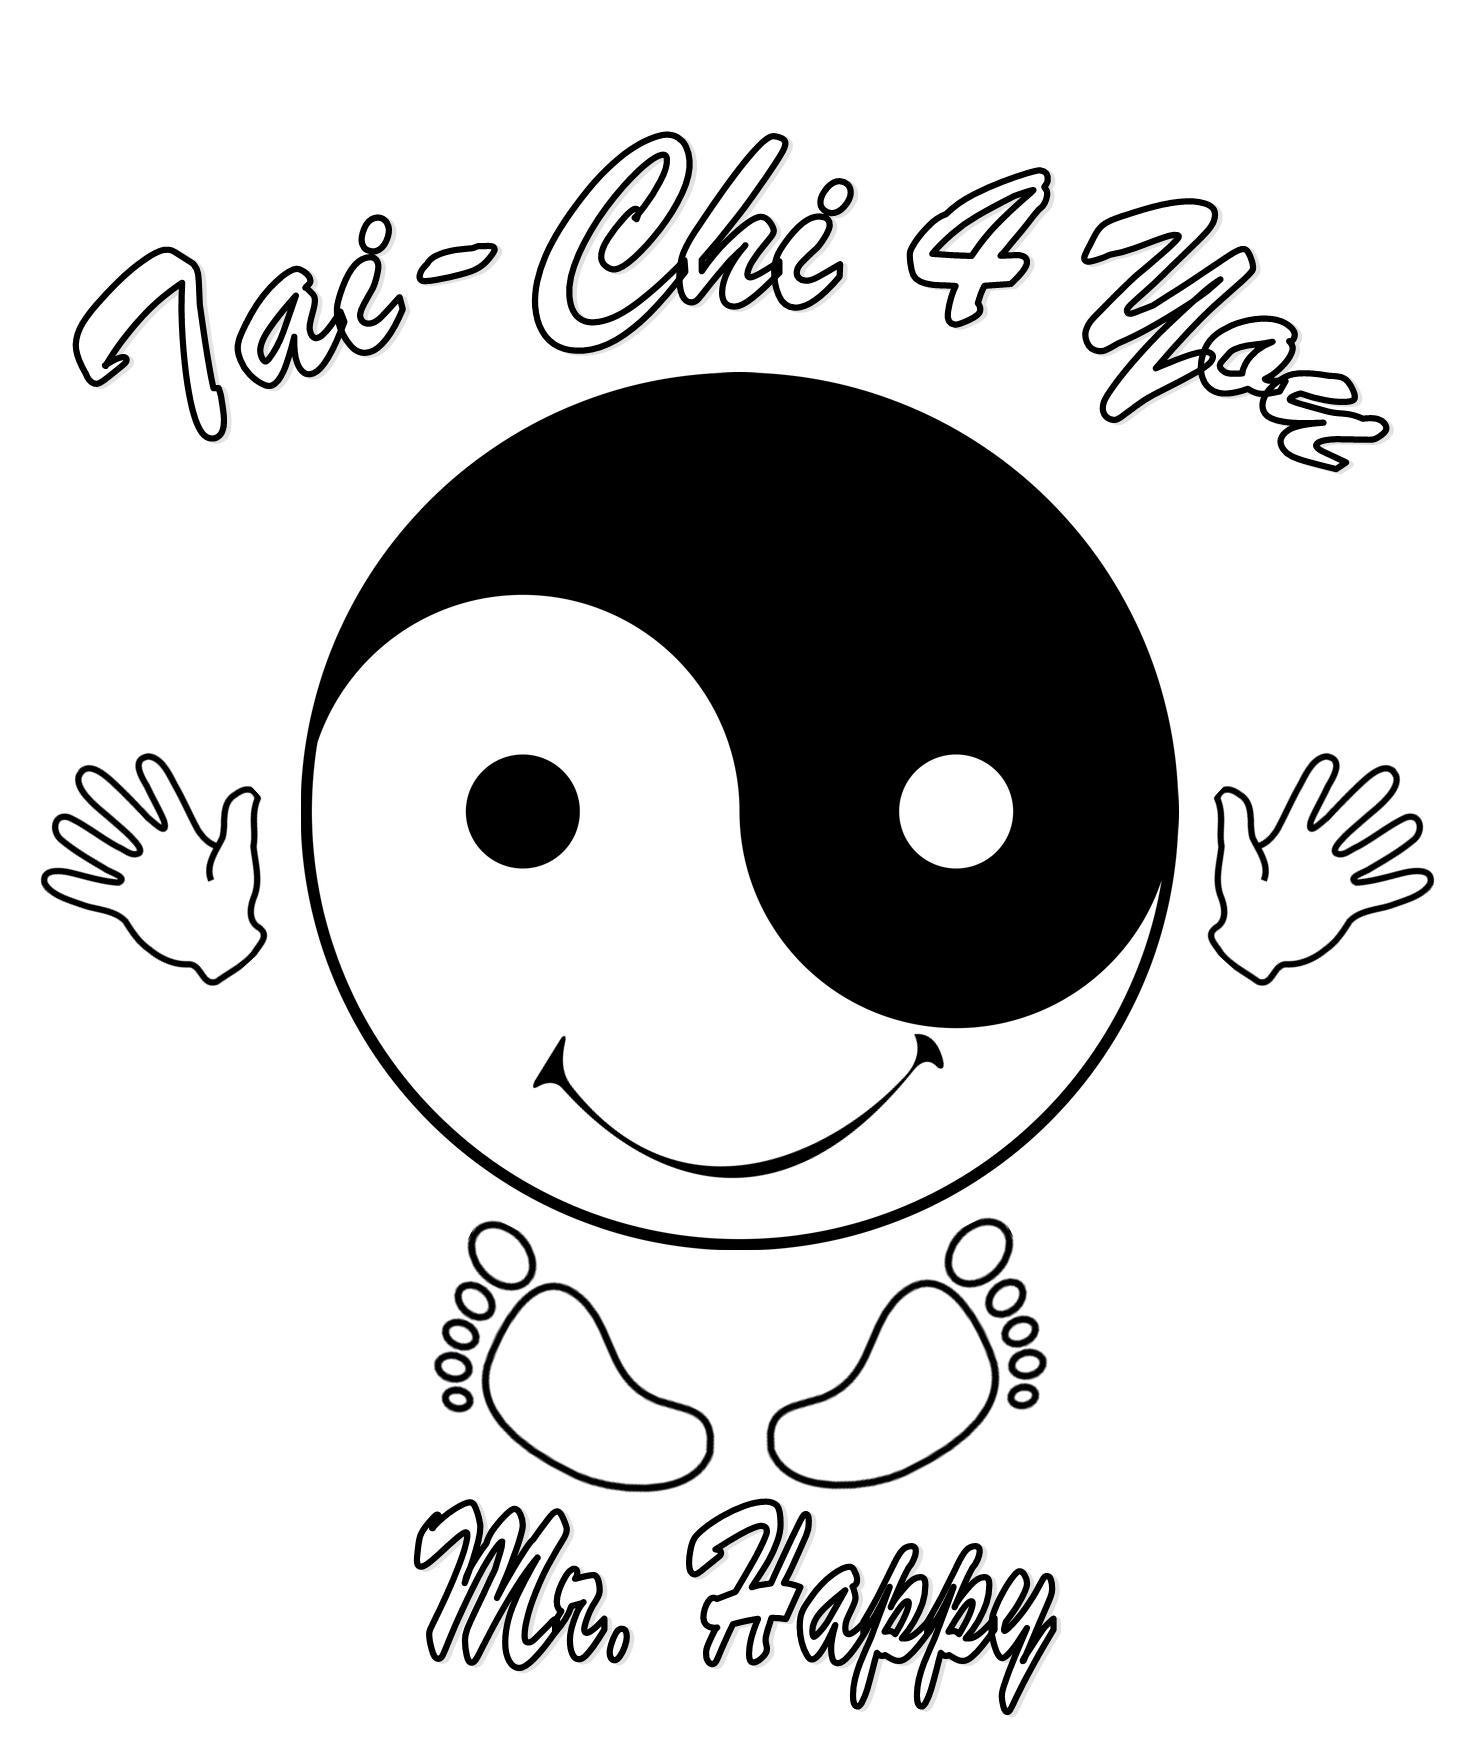 Tai Chi 4 You Mr  Happy (4)